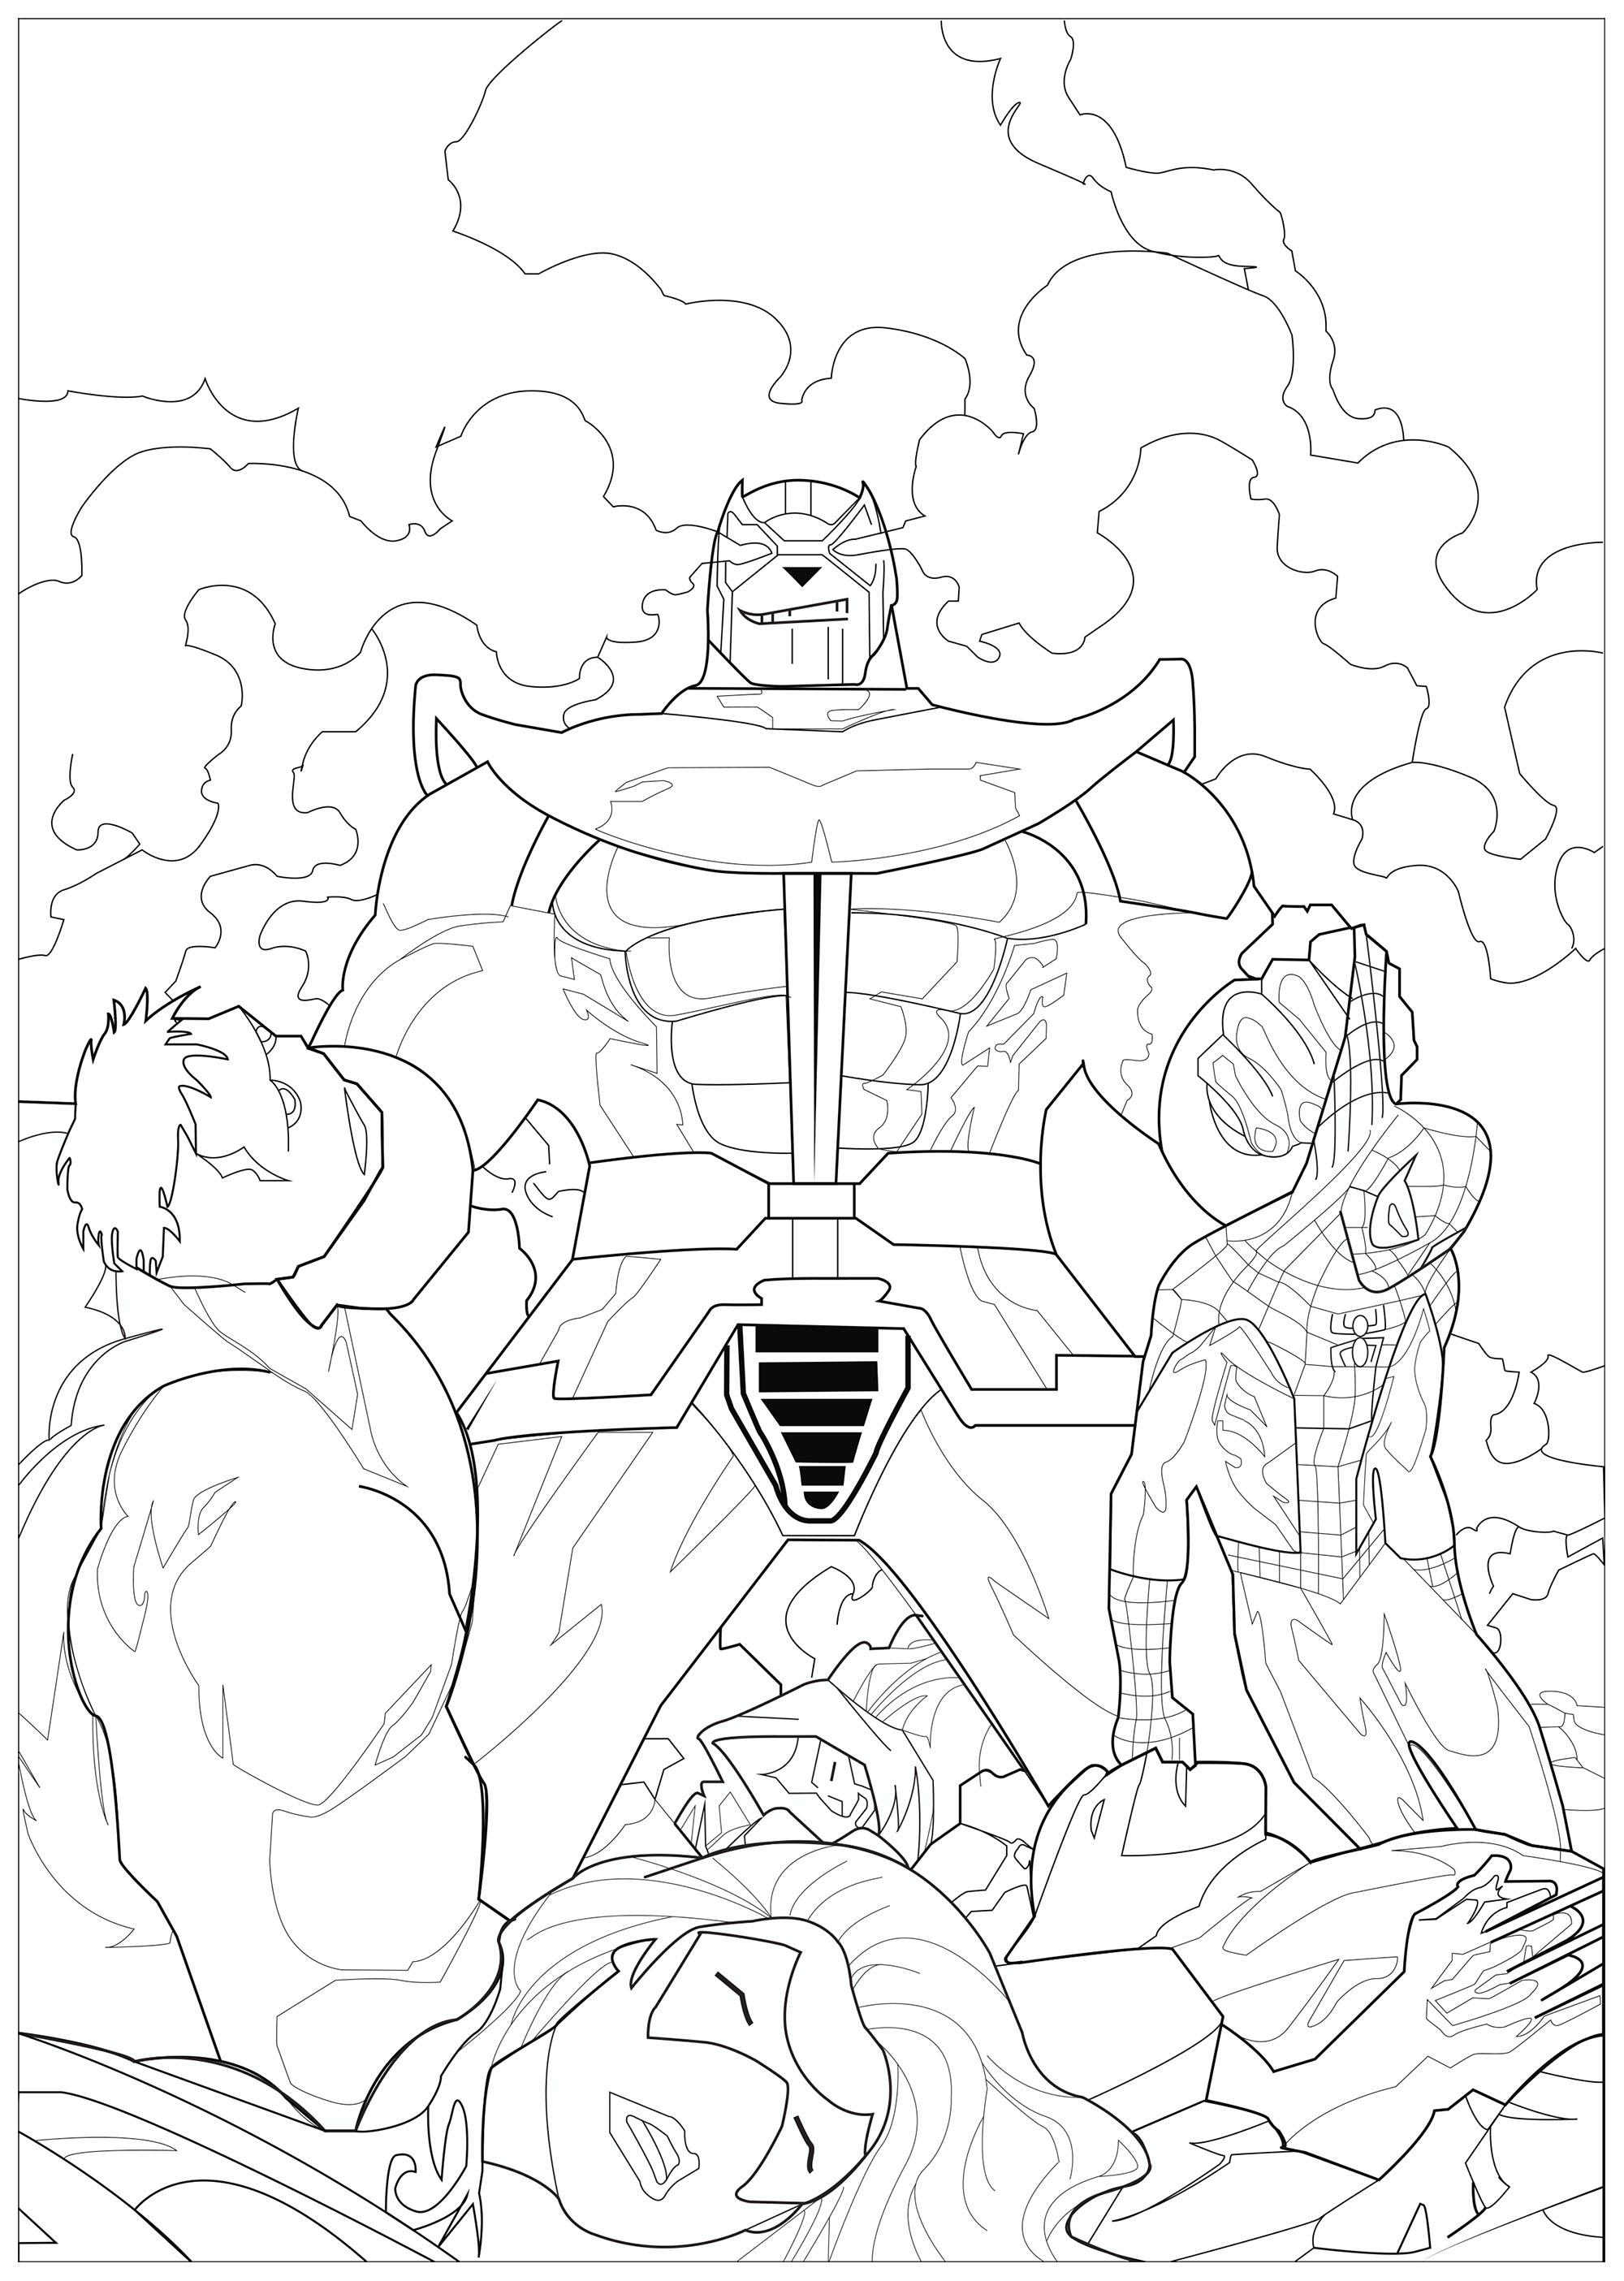 Spiderman Vs Rhino Coloring Pages   Novocom.top